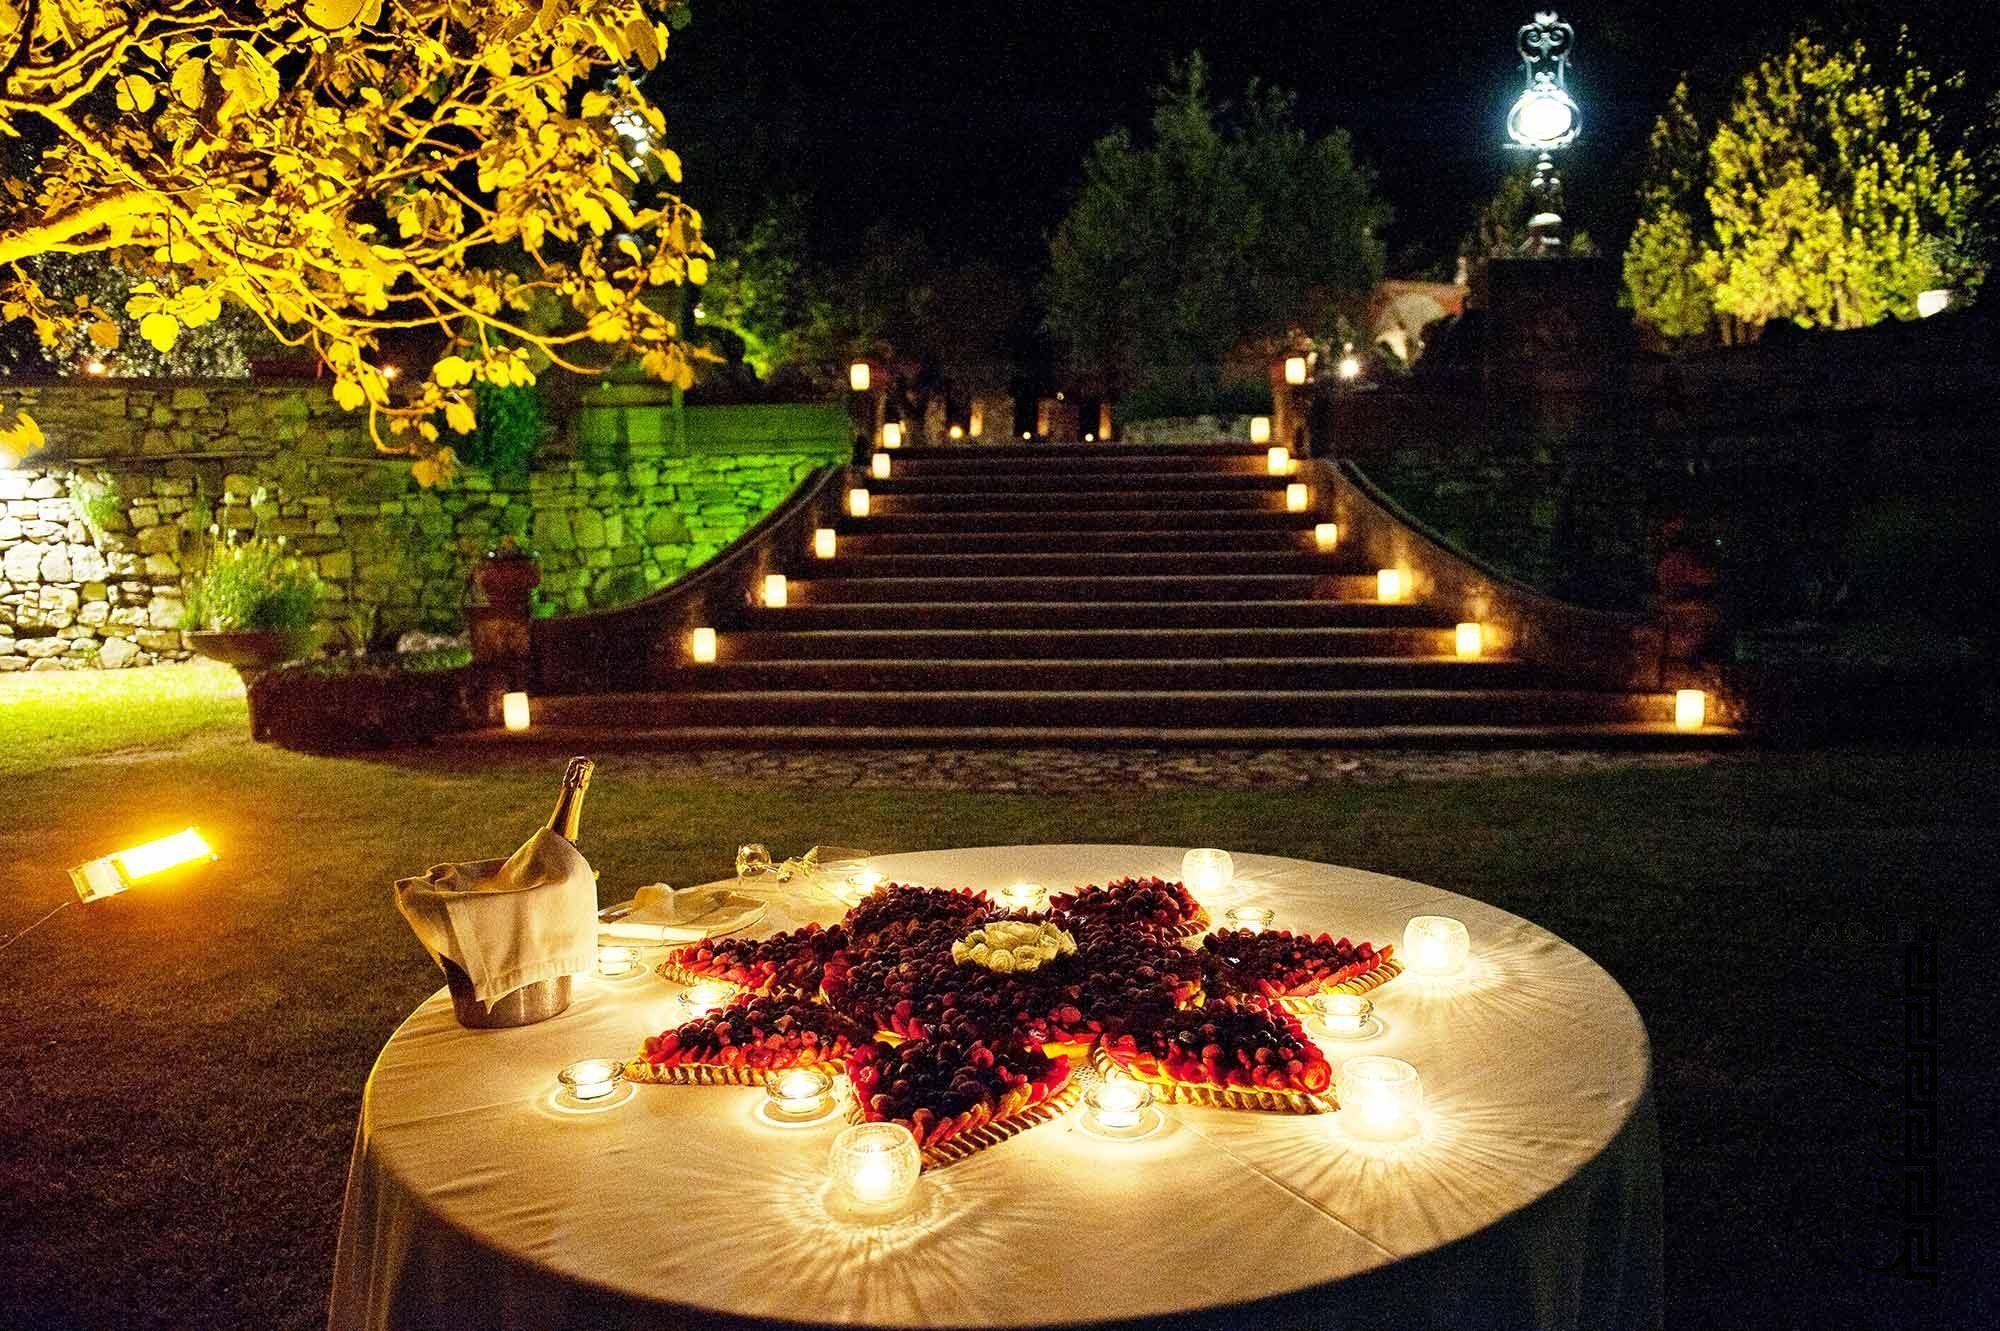 Matrimonio by night Foto a colori